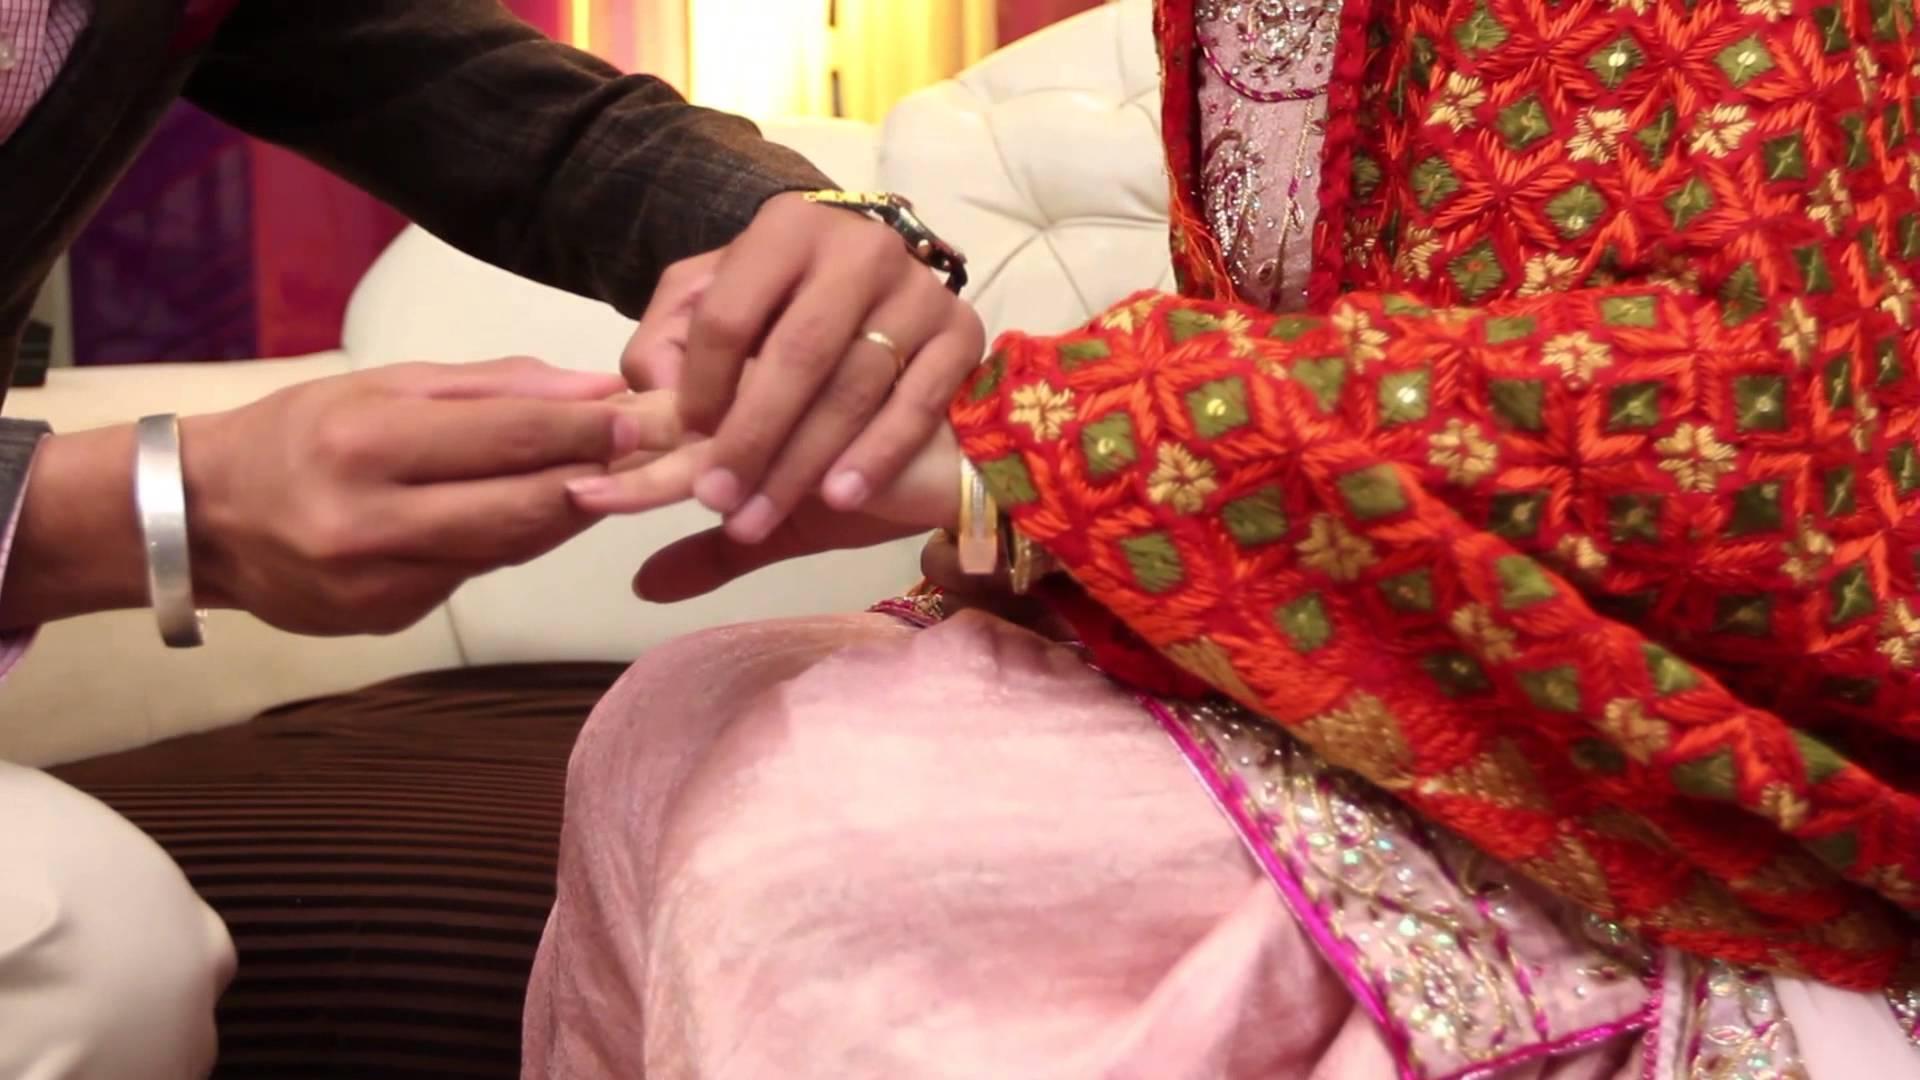 Traditional Punjabi Wedding - Punjabi Couple Ring Ceremony - HD Wallpaper